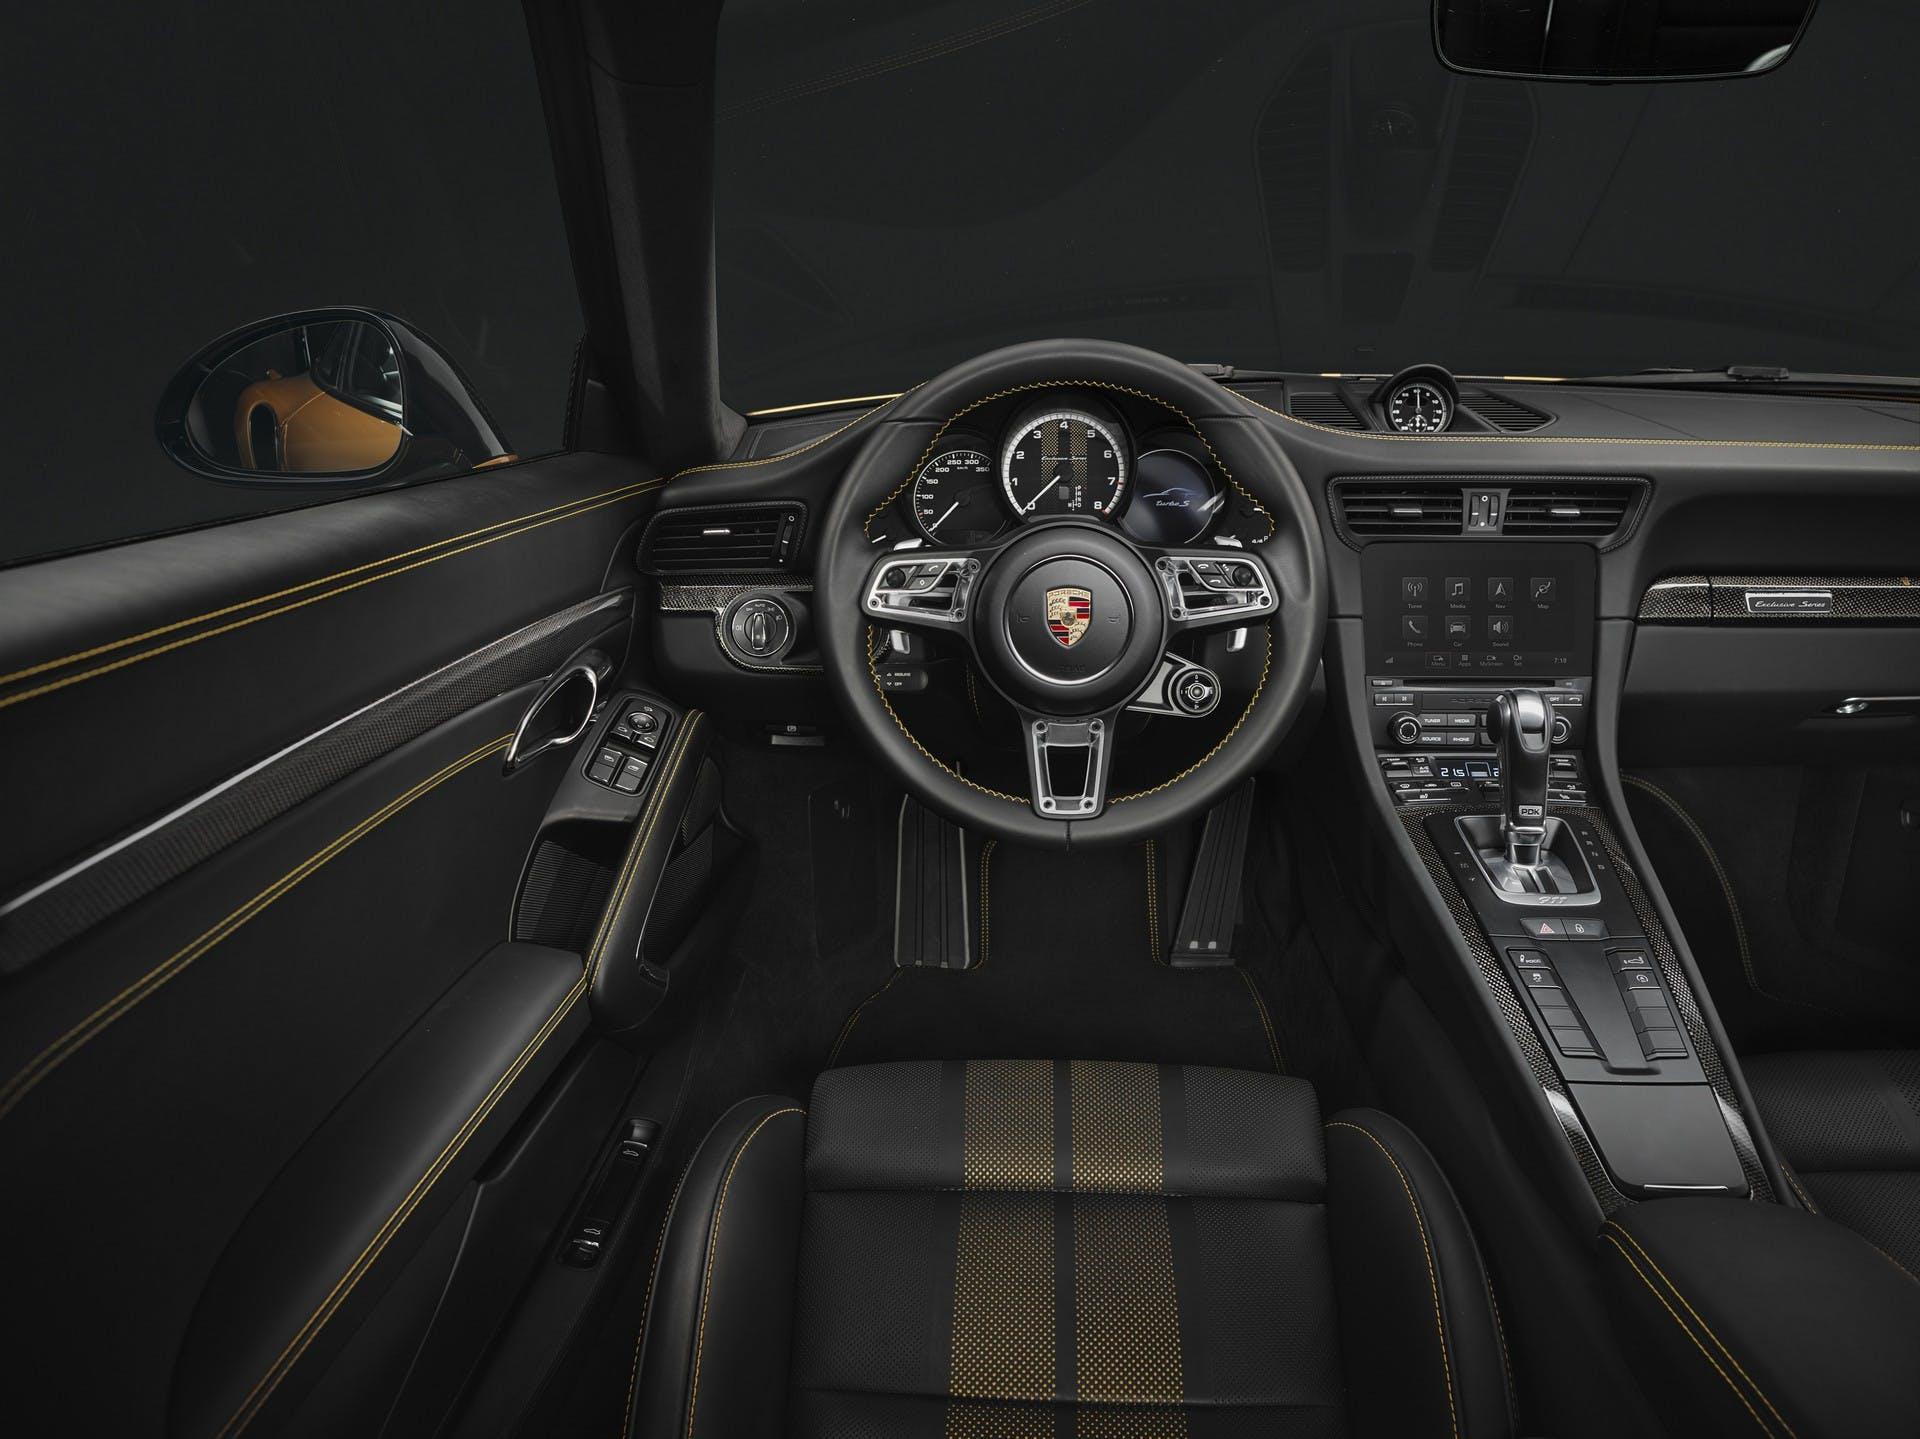 Porsche 911 Turbo S Exclusive Series interni